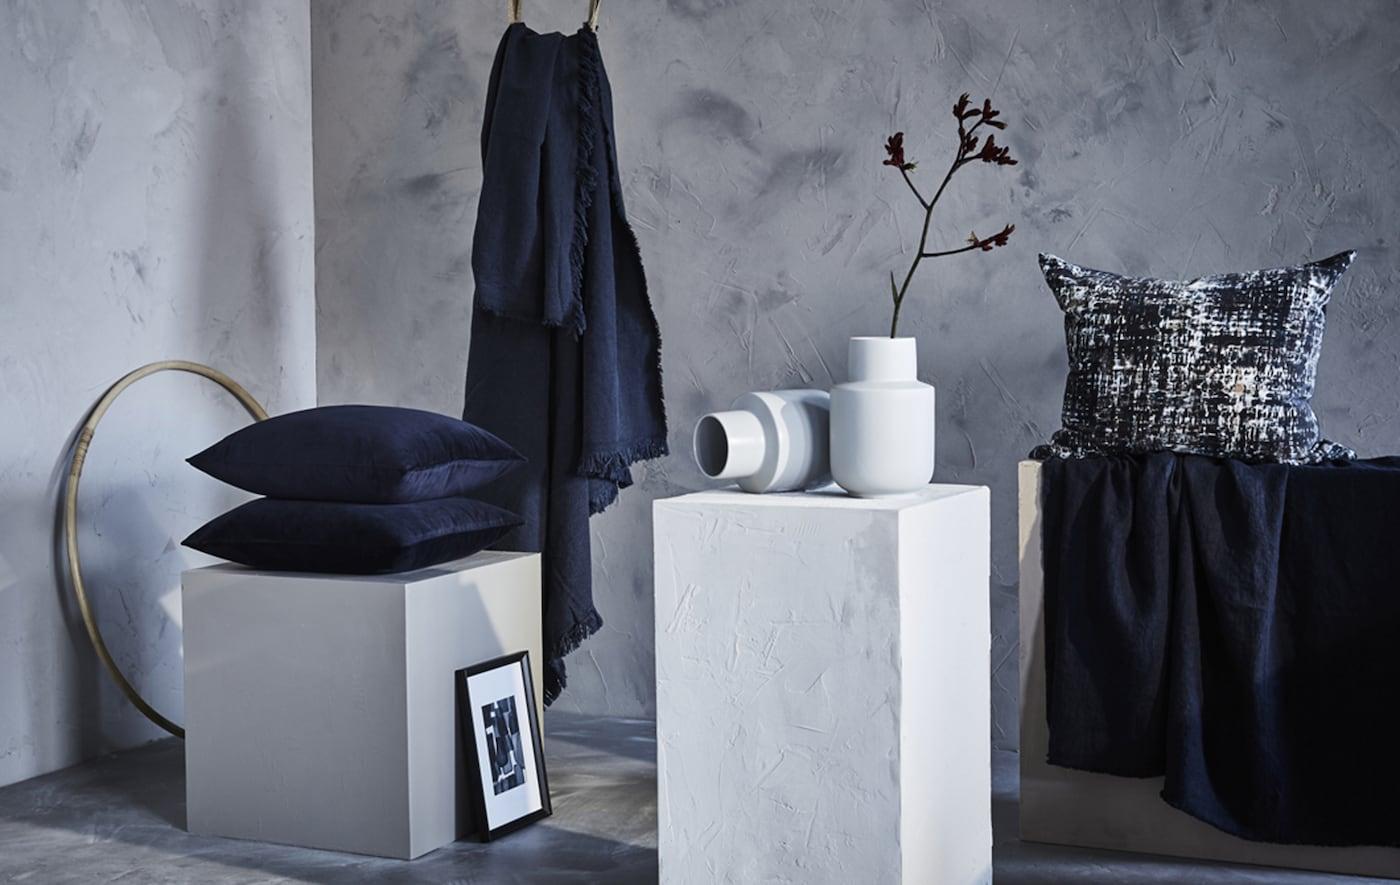 Coussins et plaids bleus exposés dans une pièce en gris et blanc.